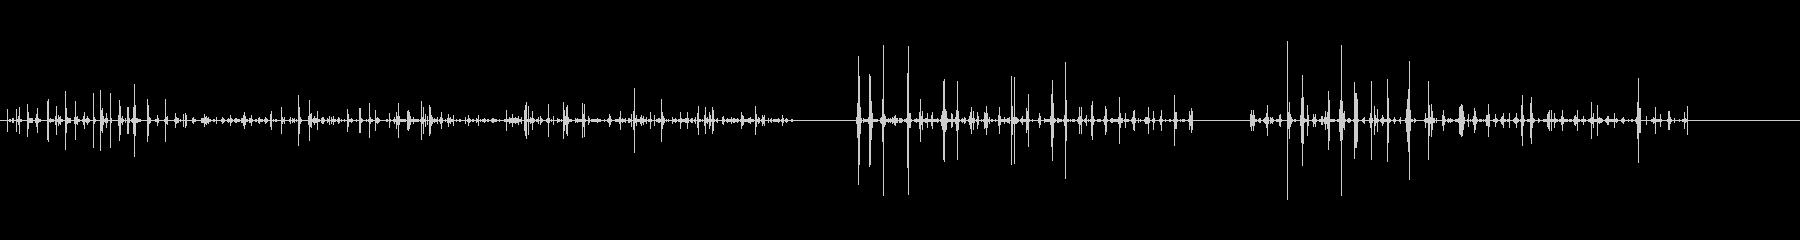 食べる-噛む-動物-人工-3バージョン3の未再生の波形